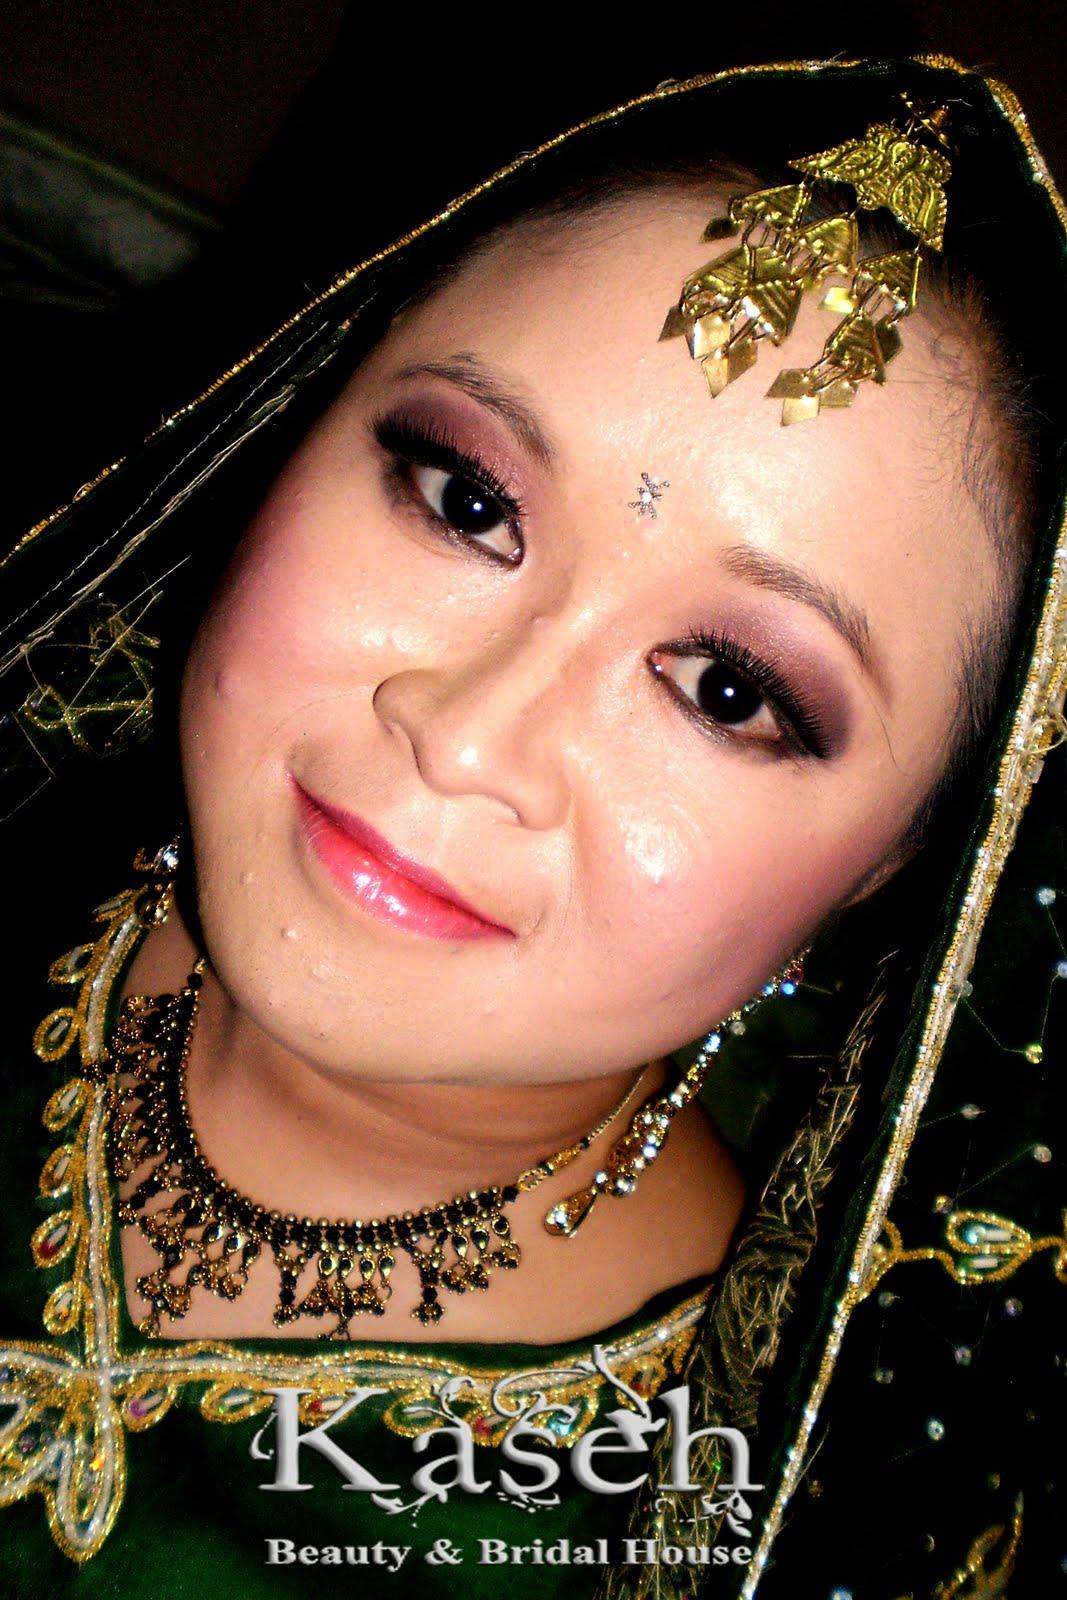 http://3.bp.blogspot.com/_OJs7xgU5vyI/TB7jXTVZJ9I/AAAAAAAAAoI/sjEkgLZpca8/s1600/islam14.jpg